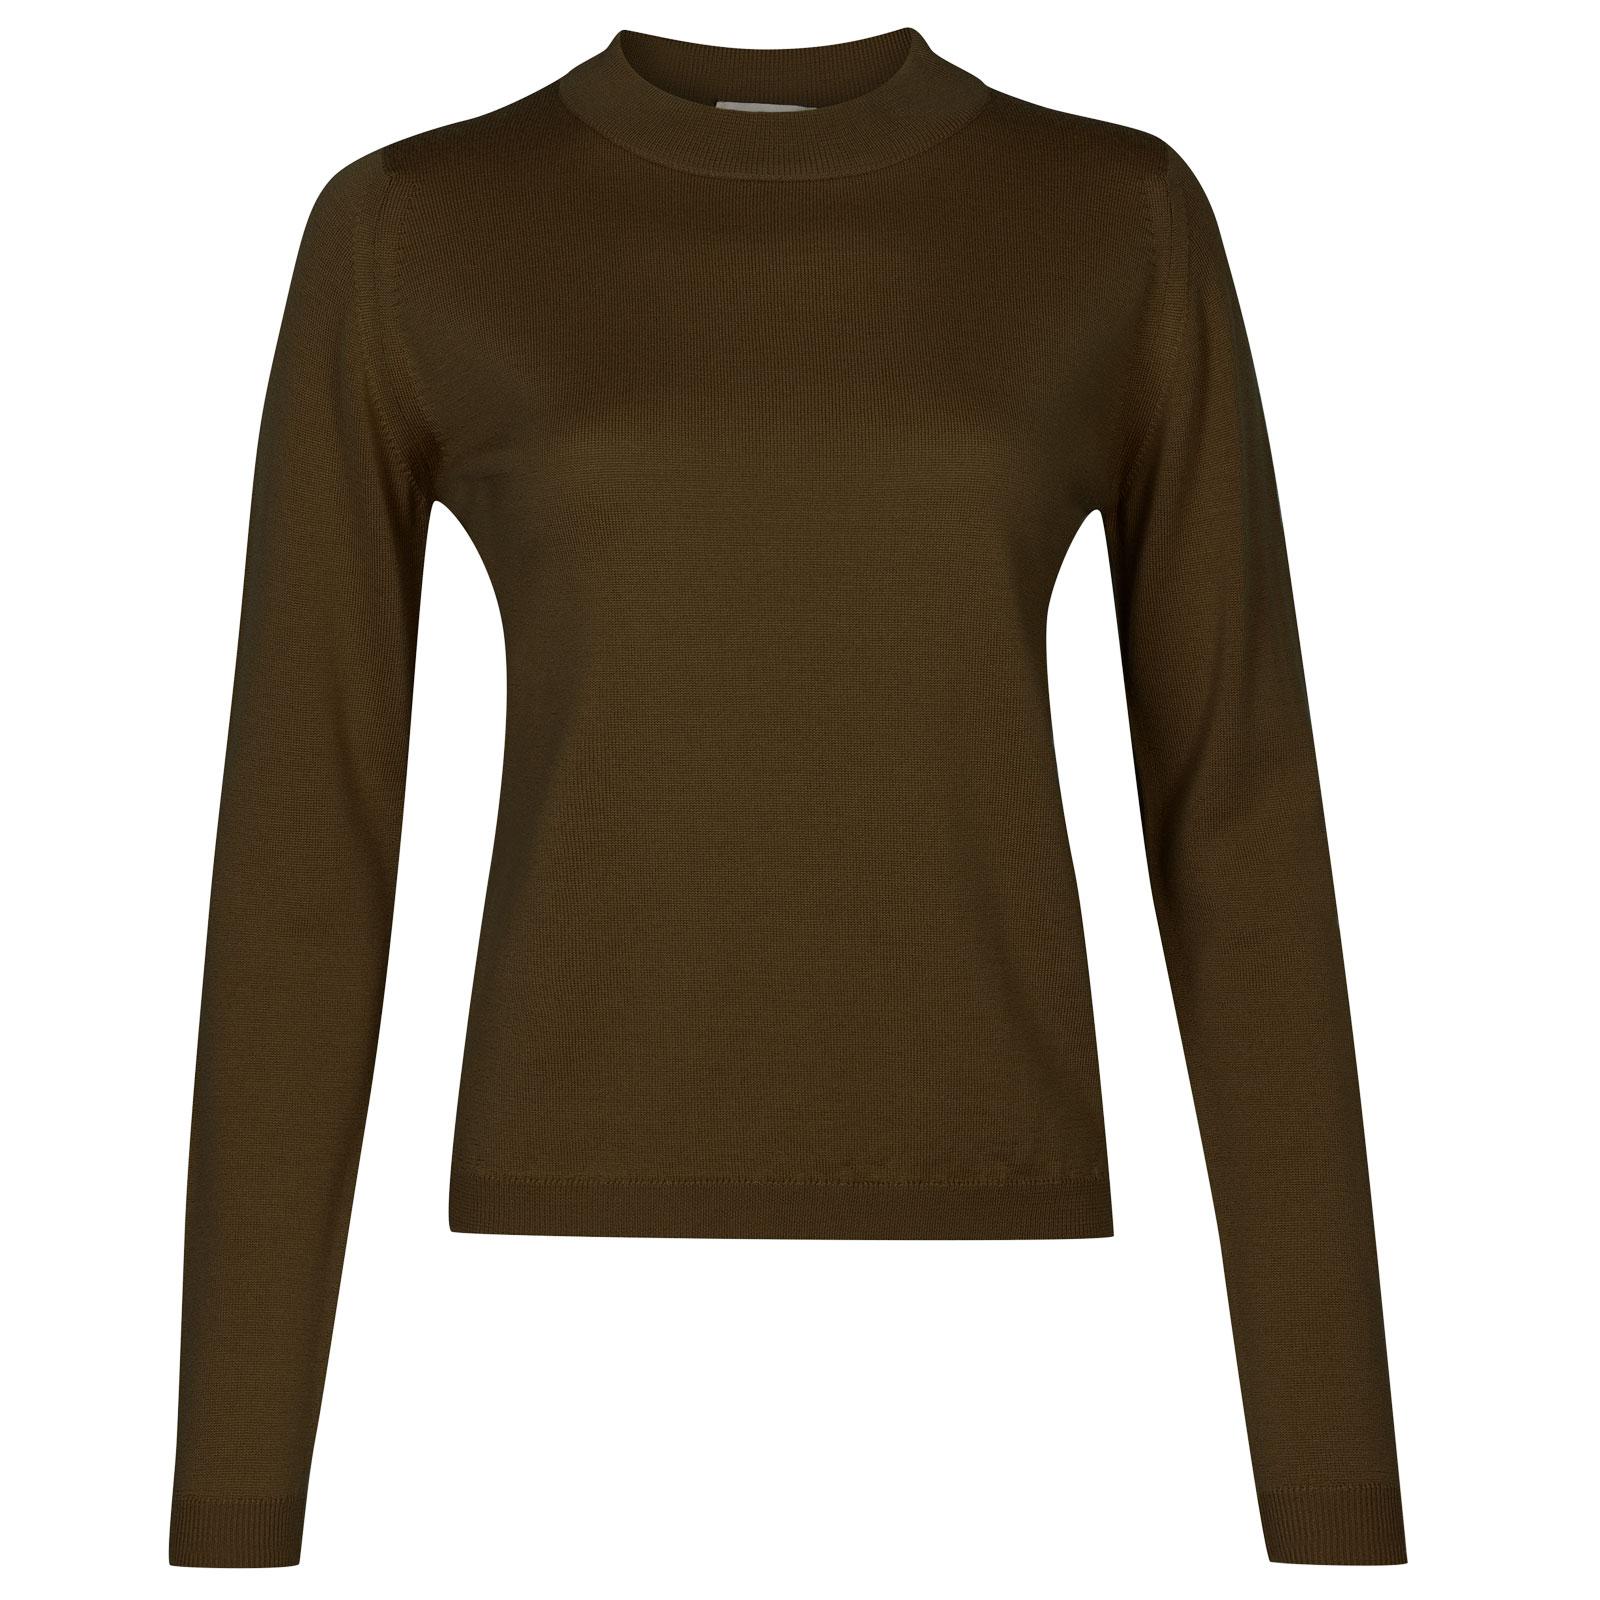 John Smedley renata Merino Wool Sweater in Kielder Green-S